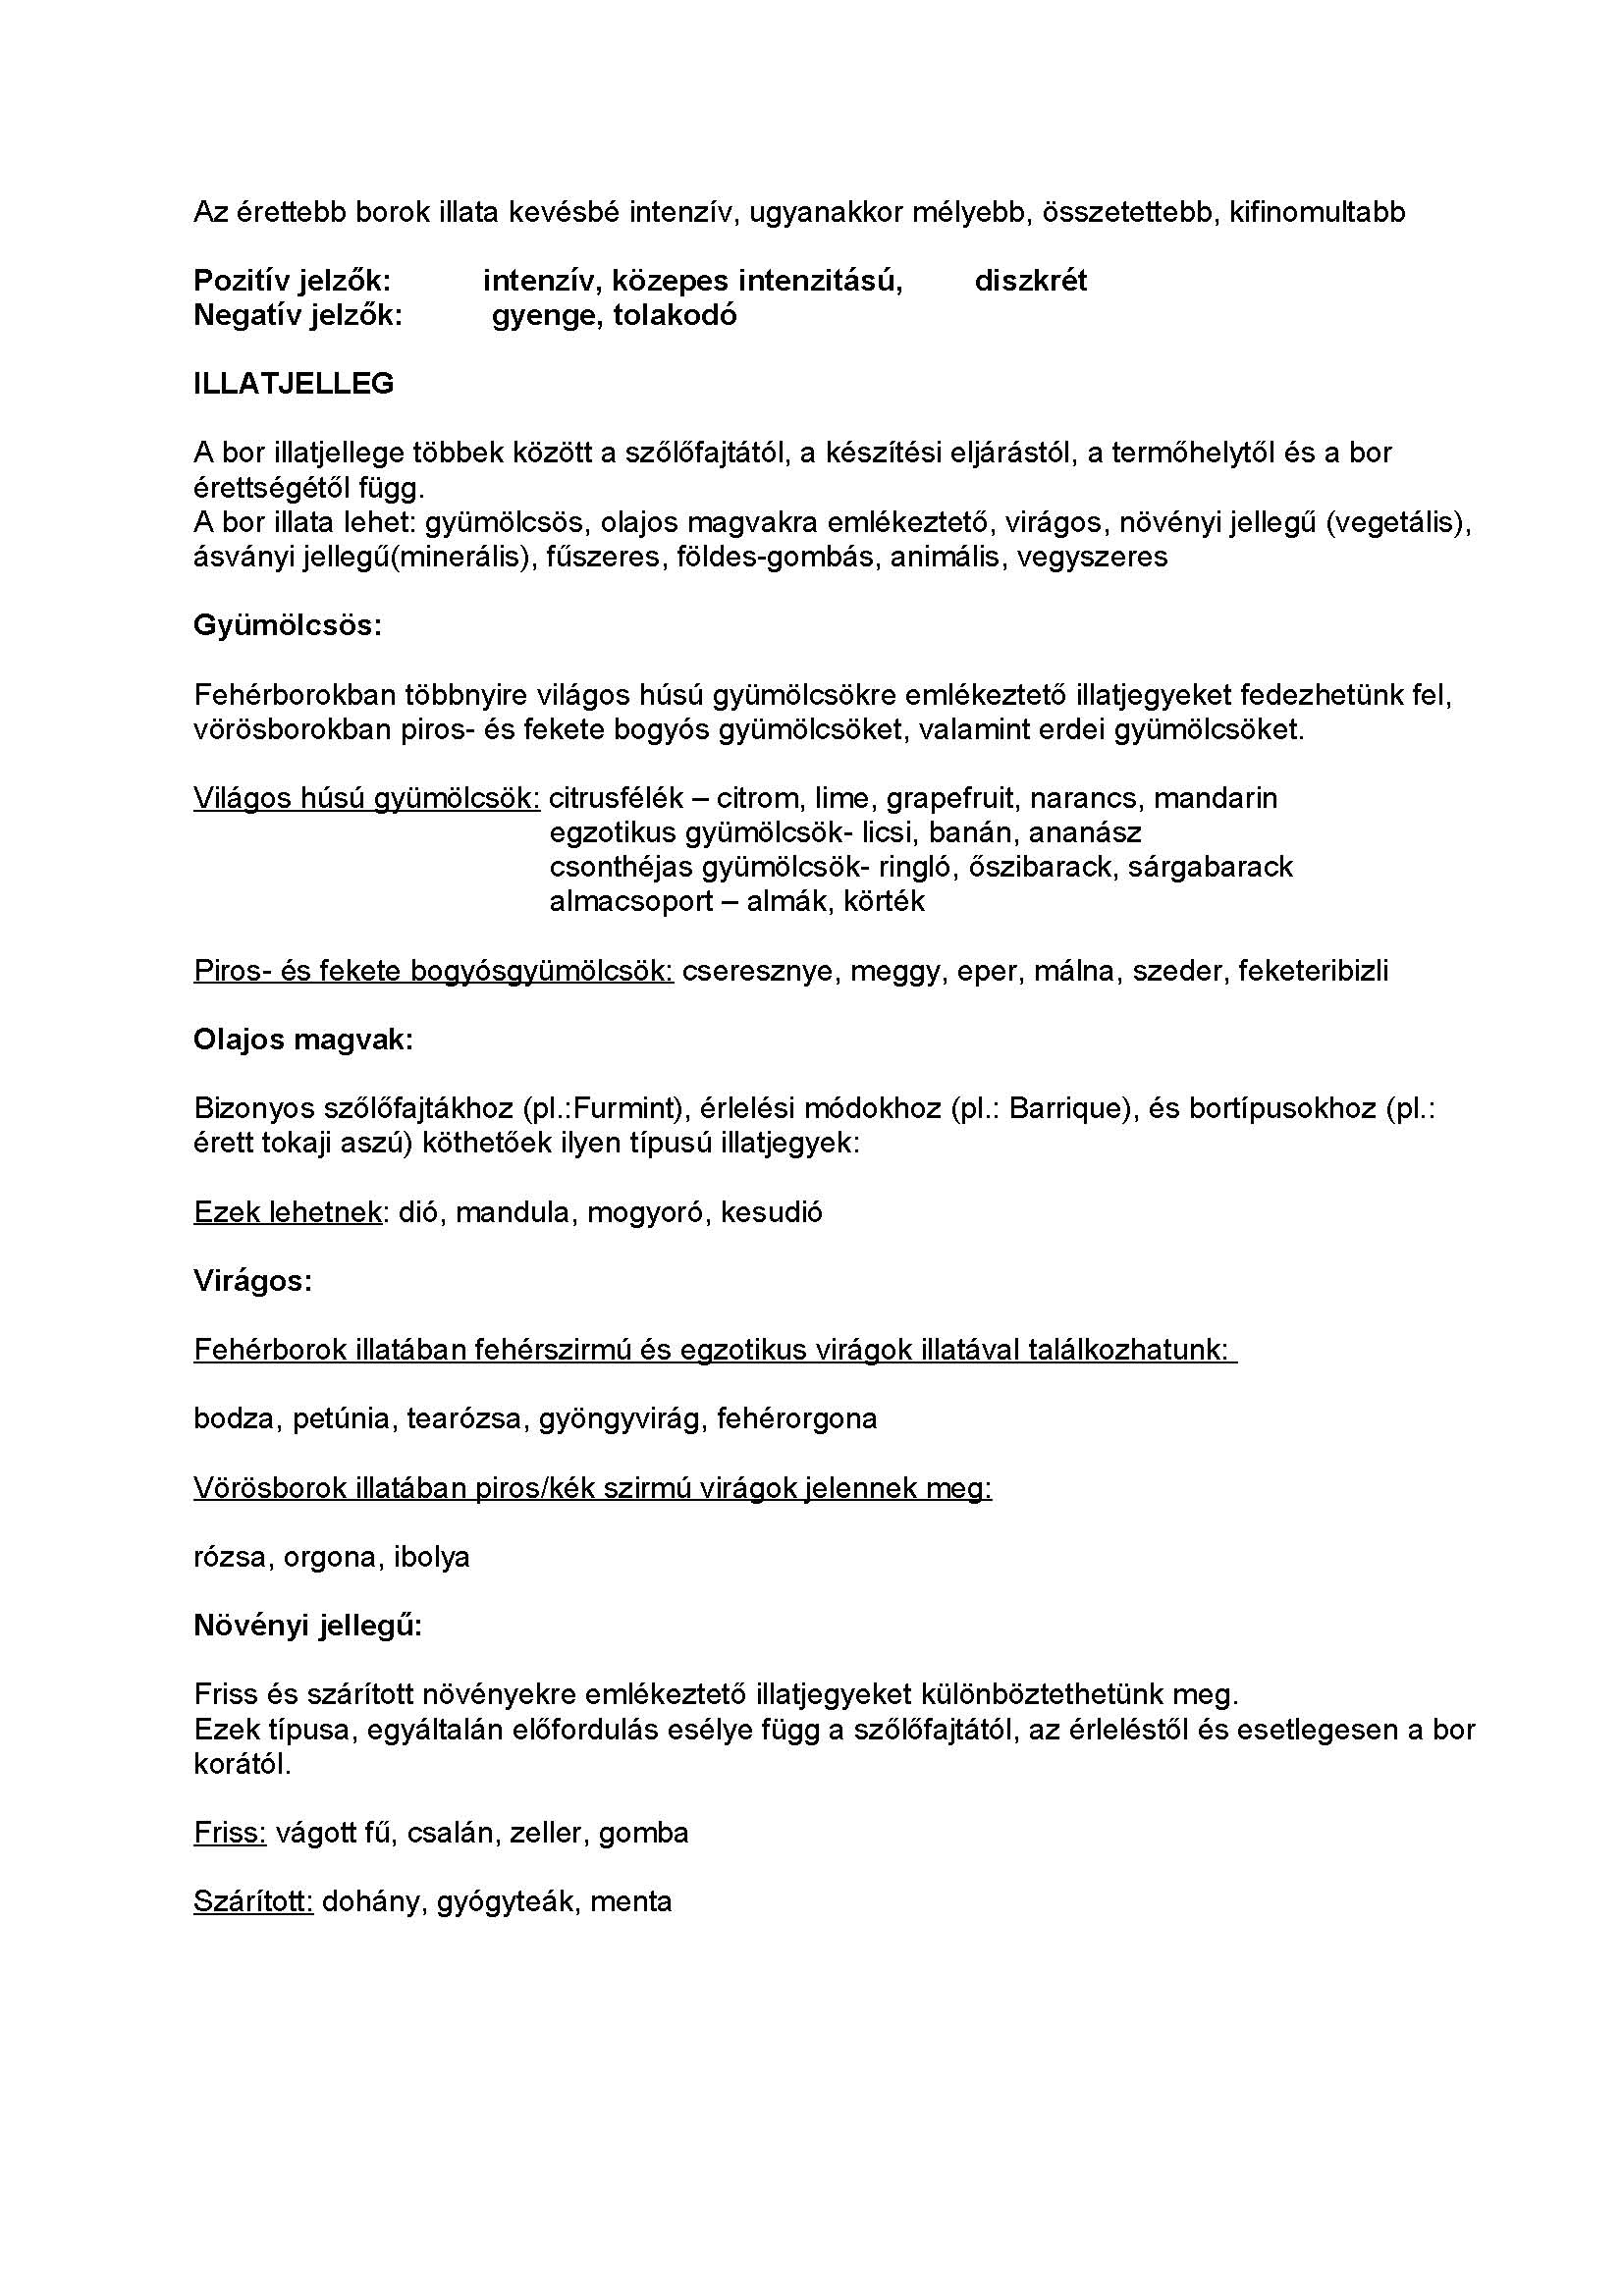 A Bor kóstolásáról  5b70cdfd7e